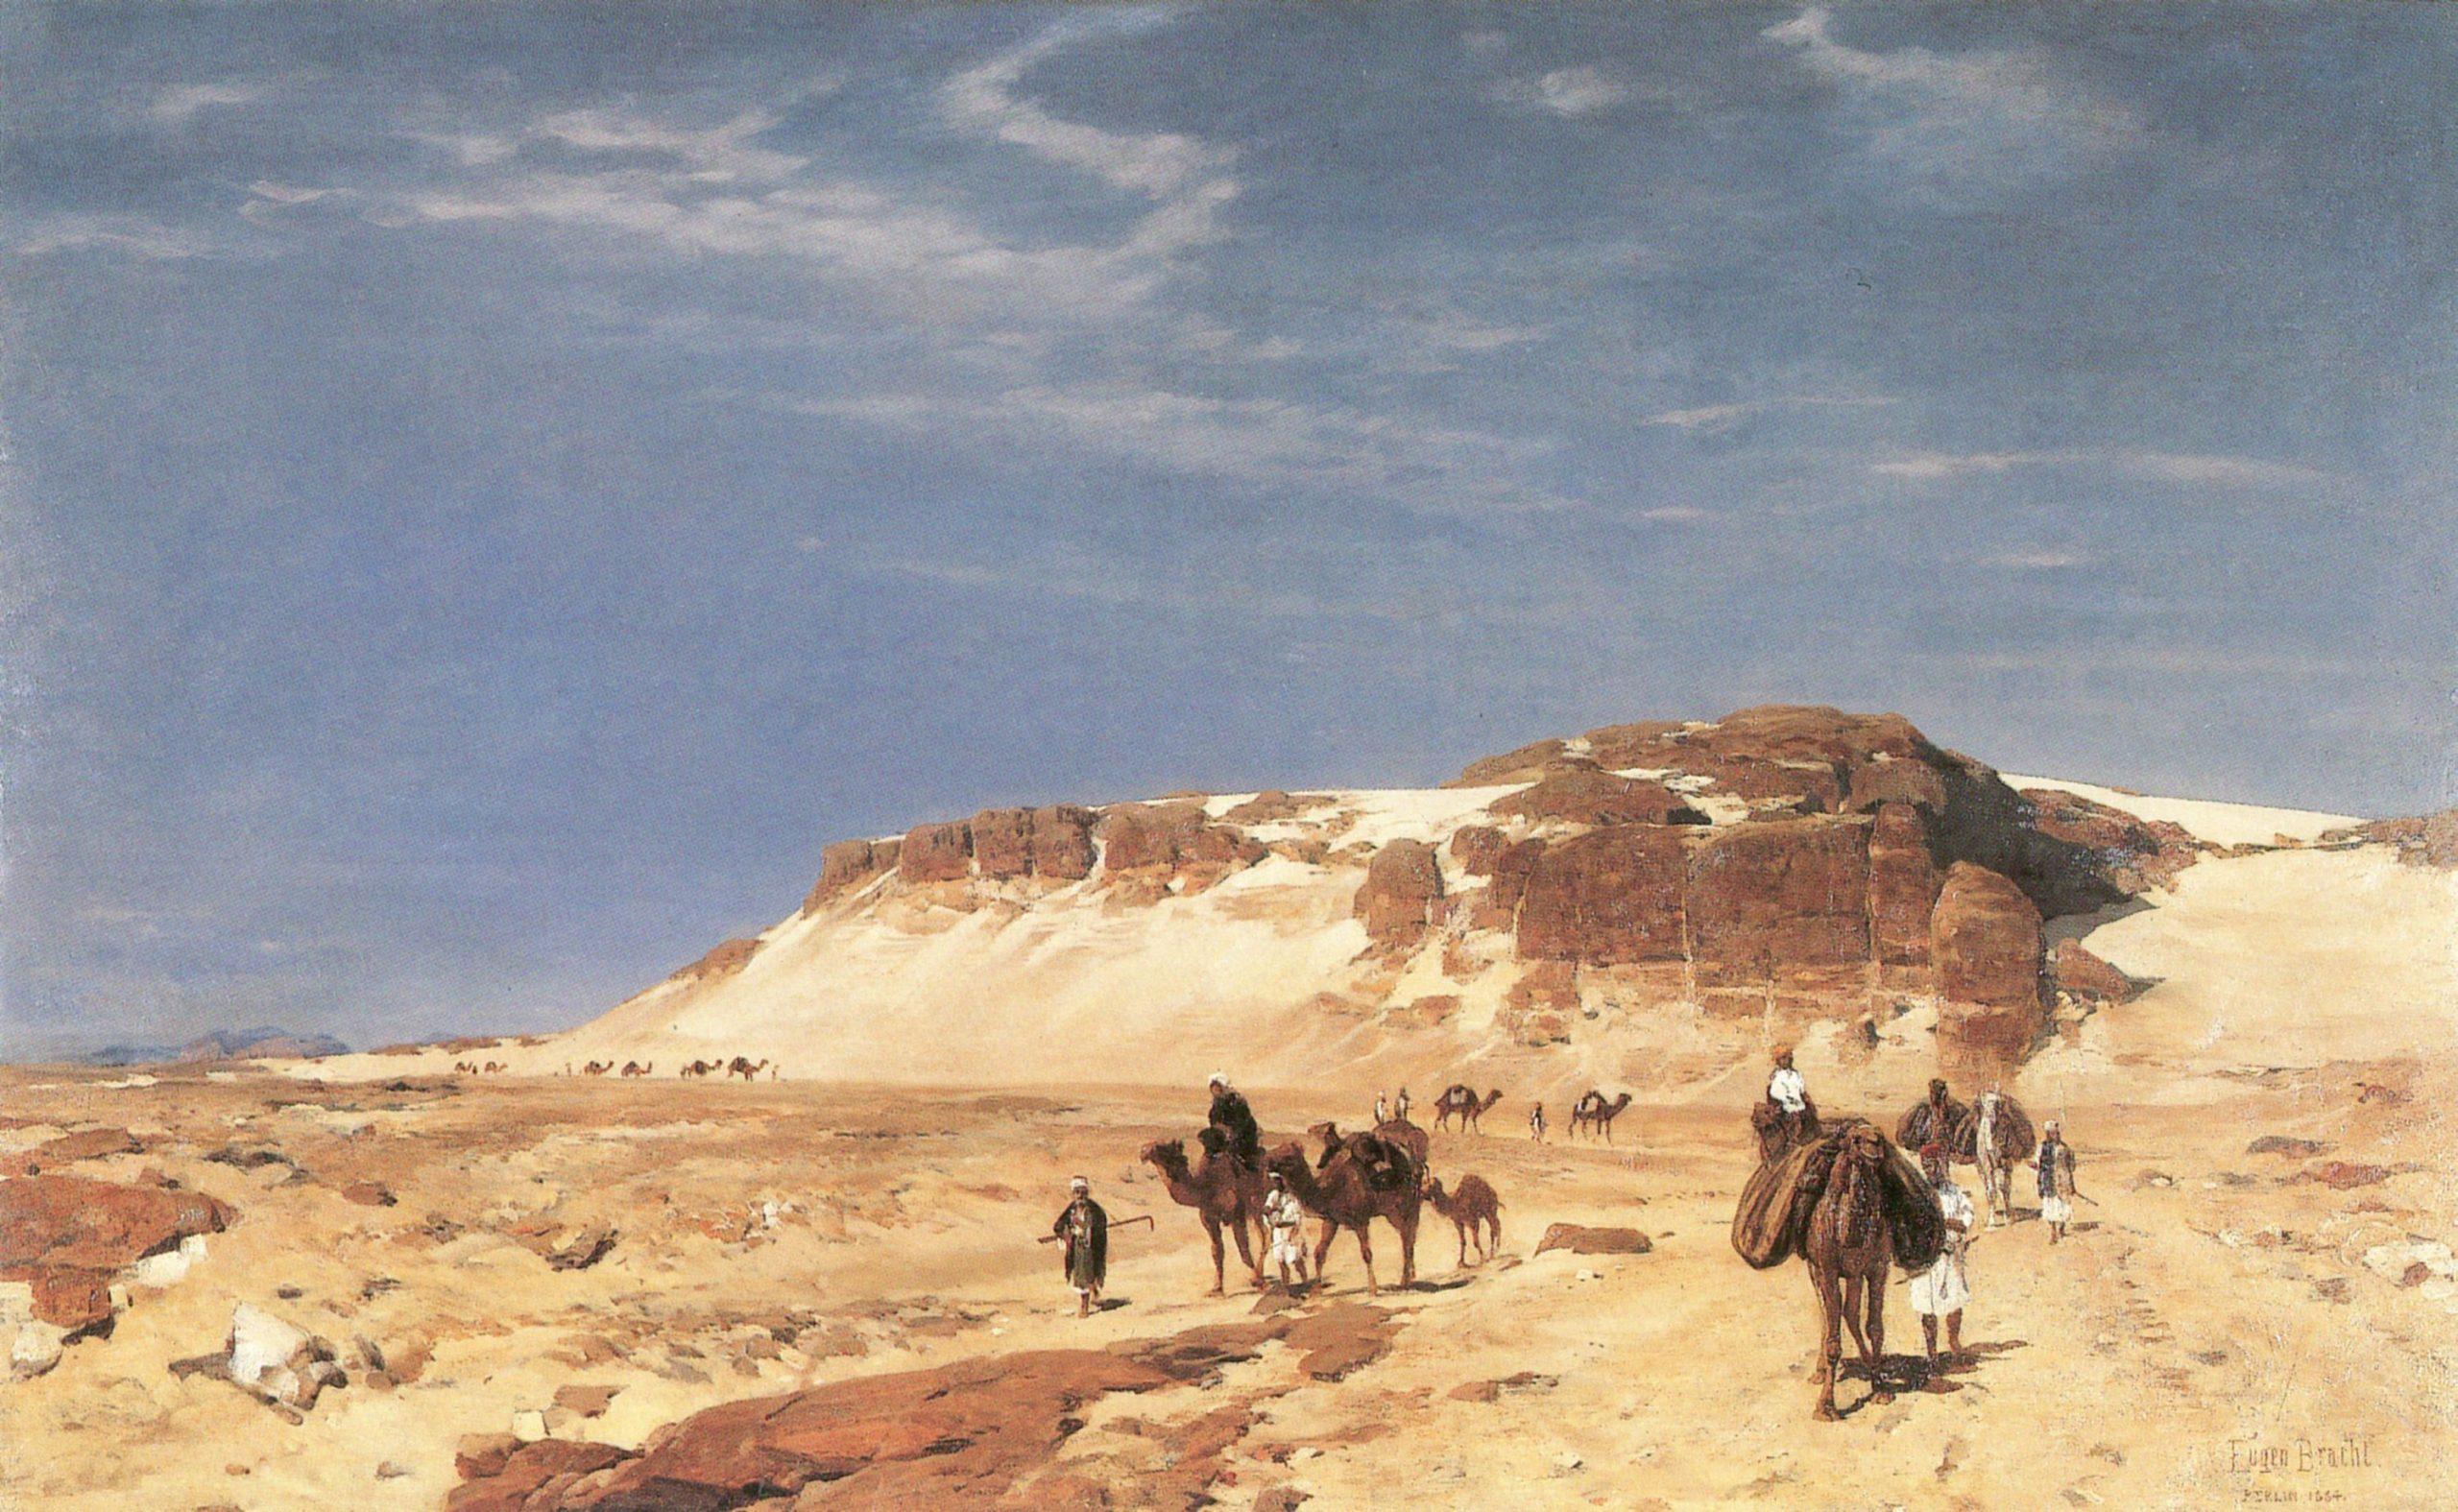 From the Sinai desert - Eugen Bracht, 1884